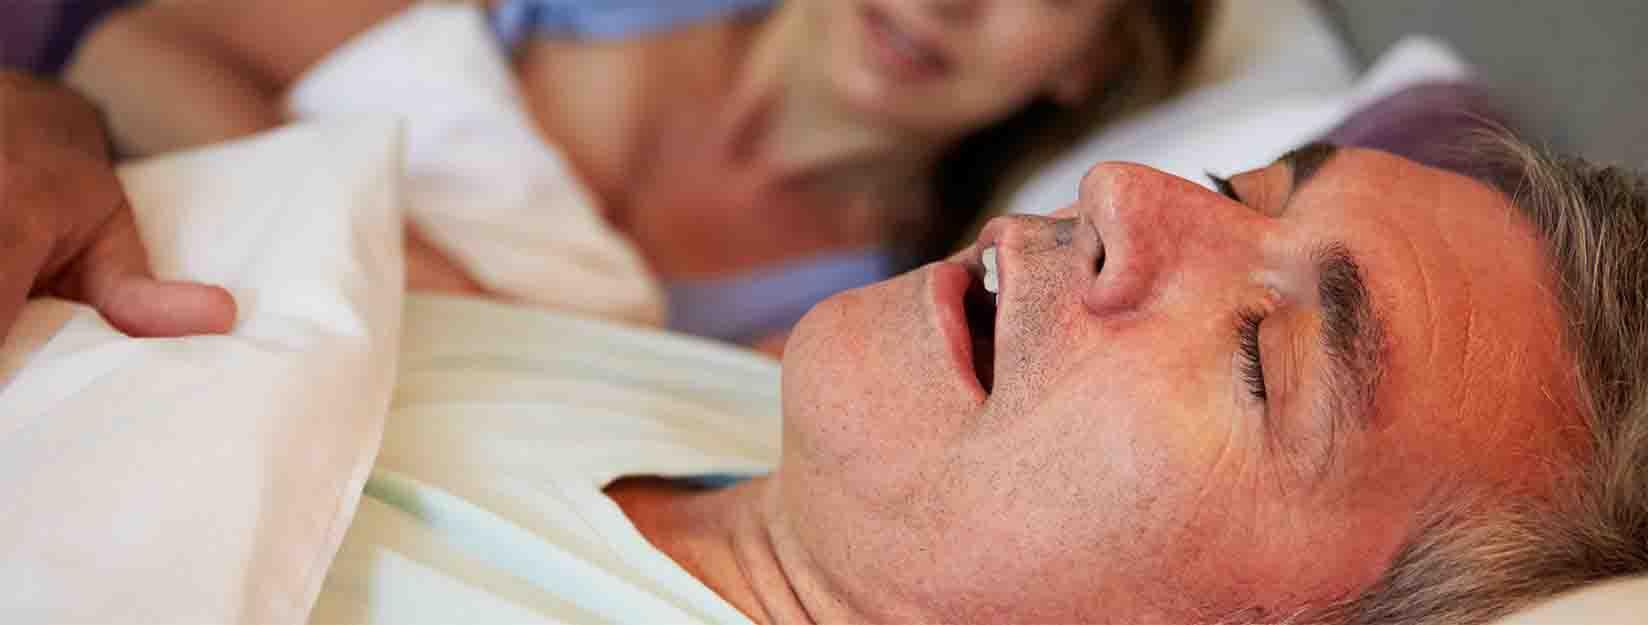 De-Salud-Psicologos Apnea-del-sueño